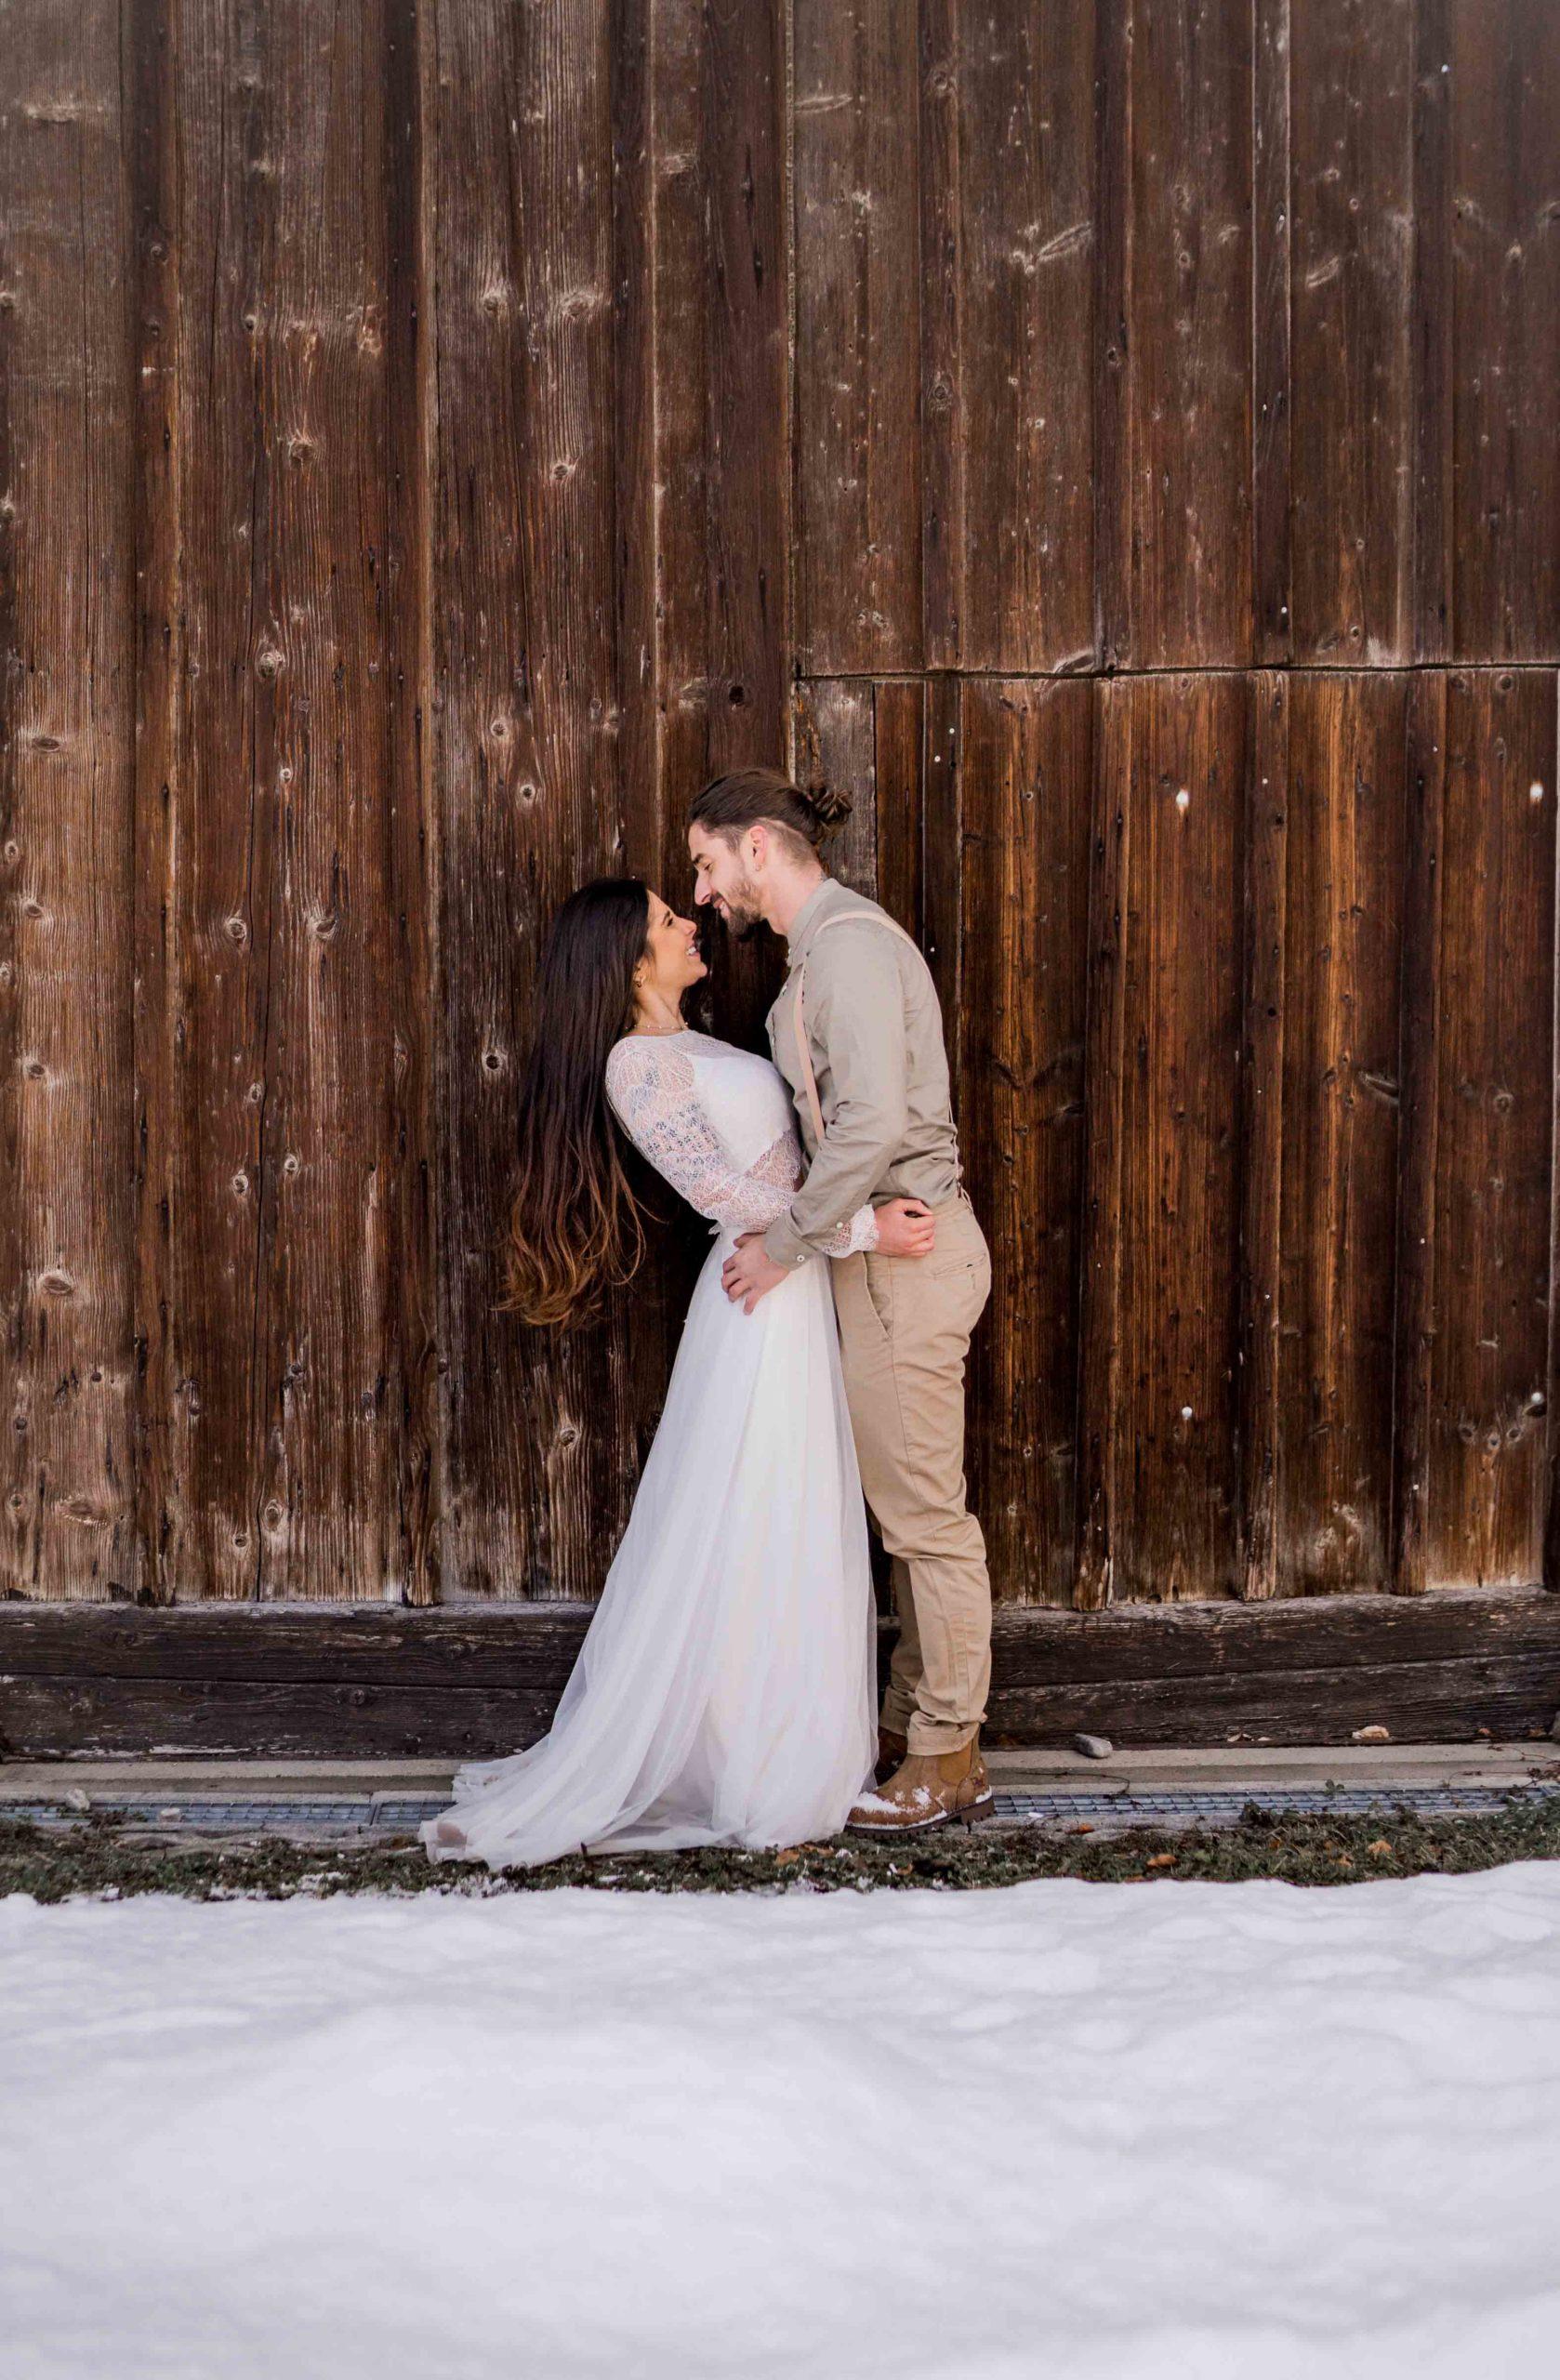 noni Brautmode, Styled Shoot, Brautpaar händchenhaltend und lachend im Schnee vor Holzfassade